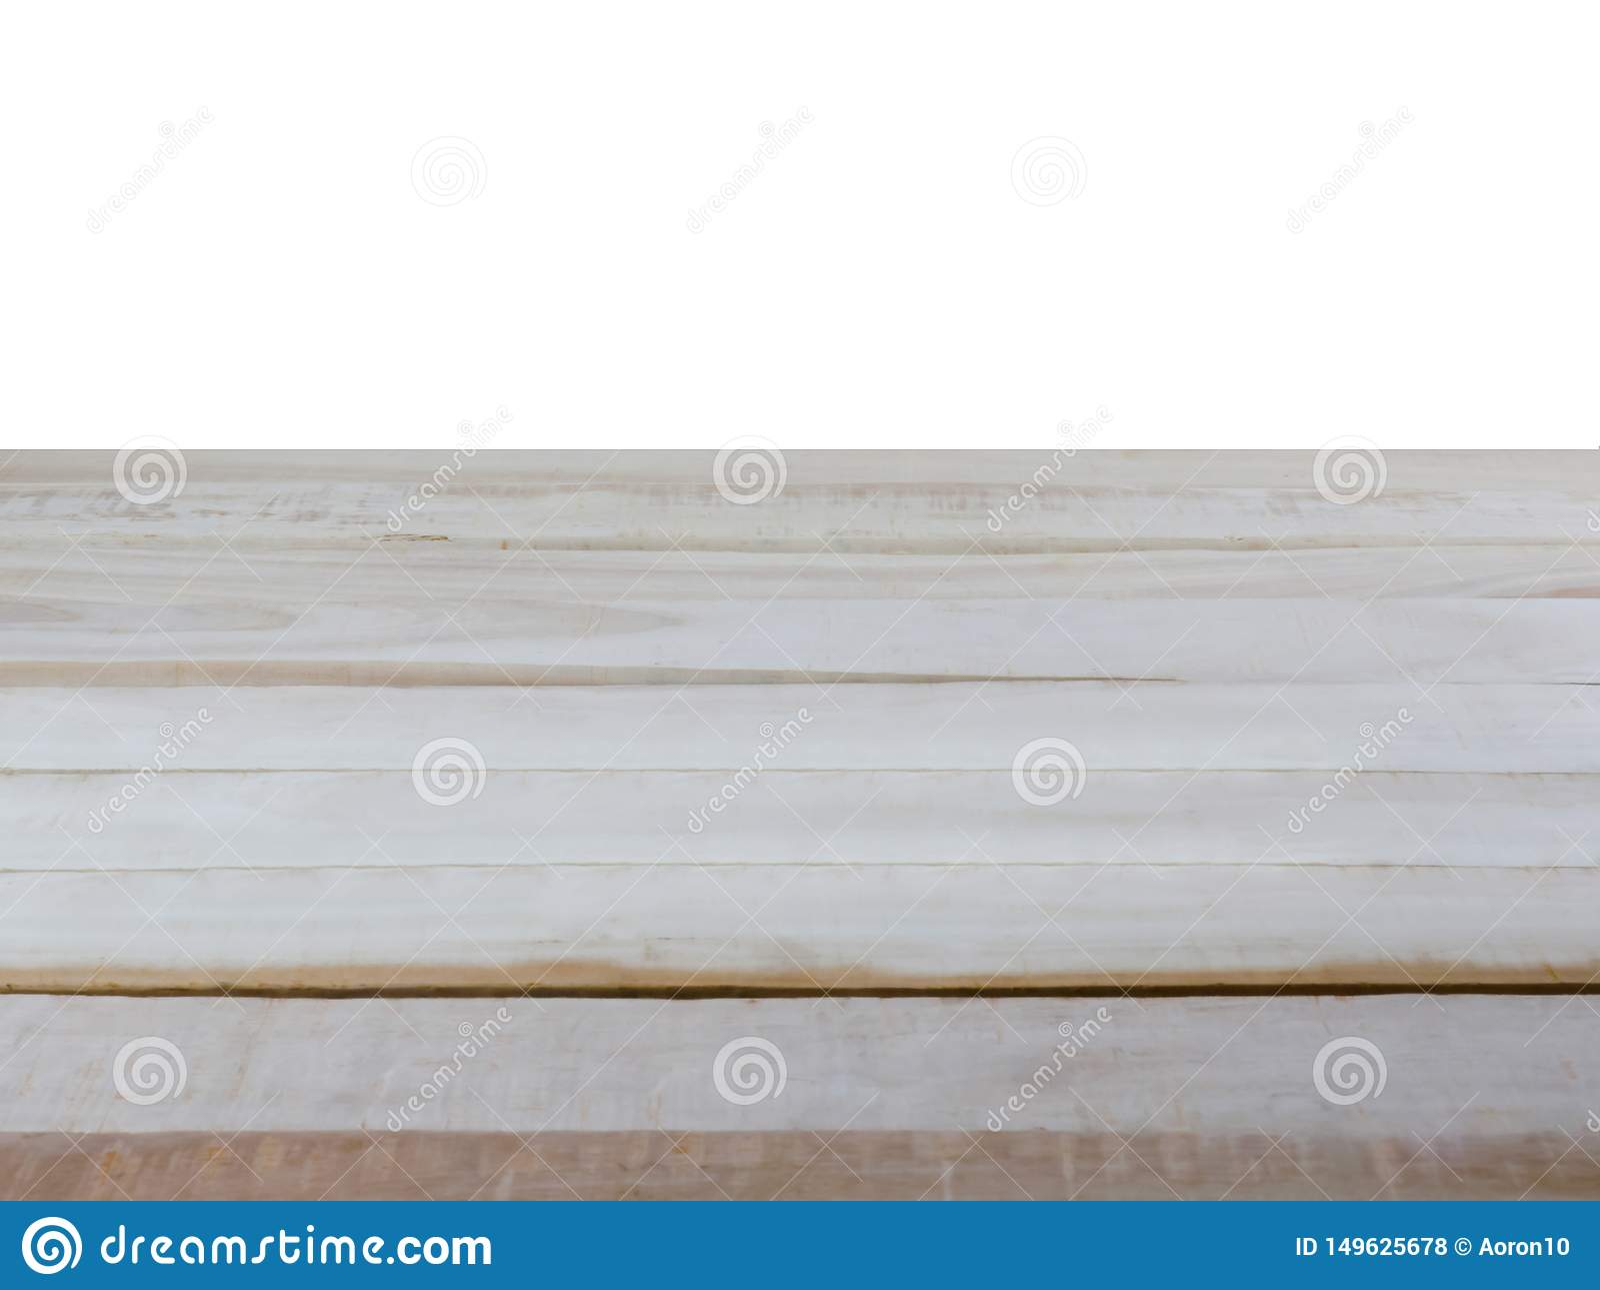 Η κενή ξύλινη επιτραπέζια κορυφή, απομονώνει σε ένα άσπρο υπόβαθρο